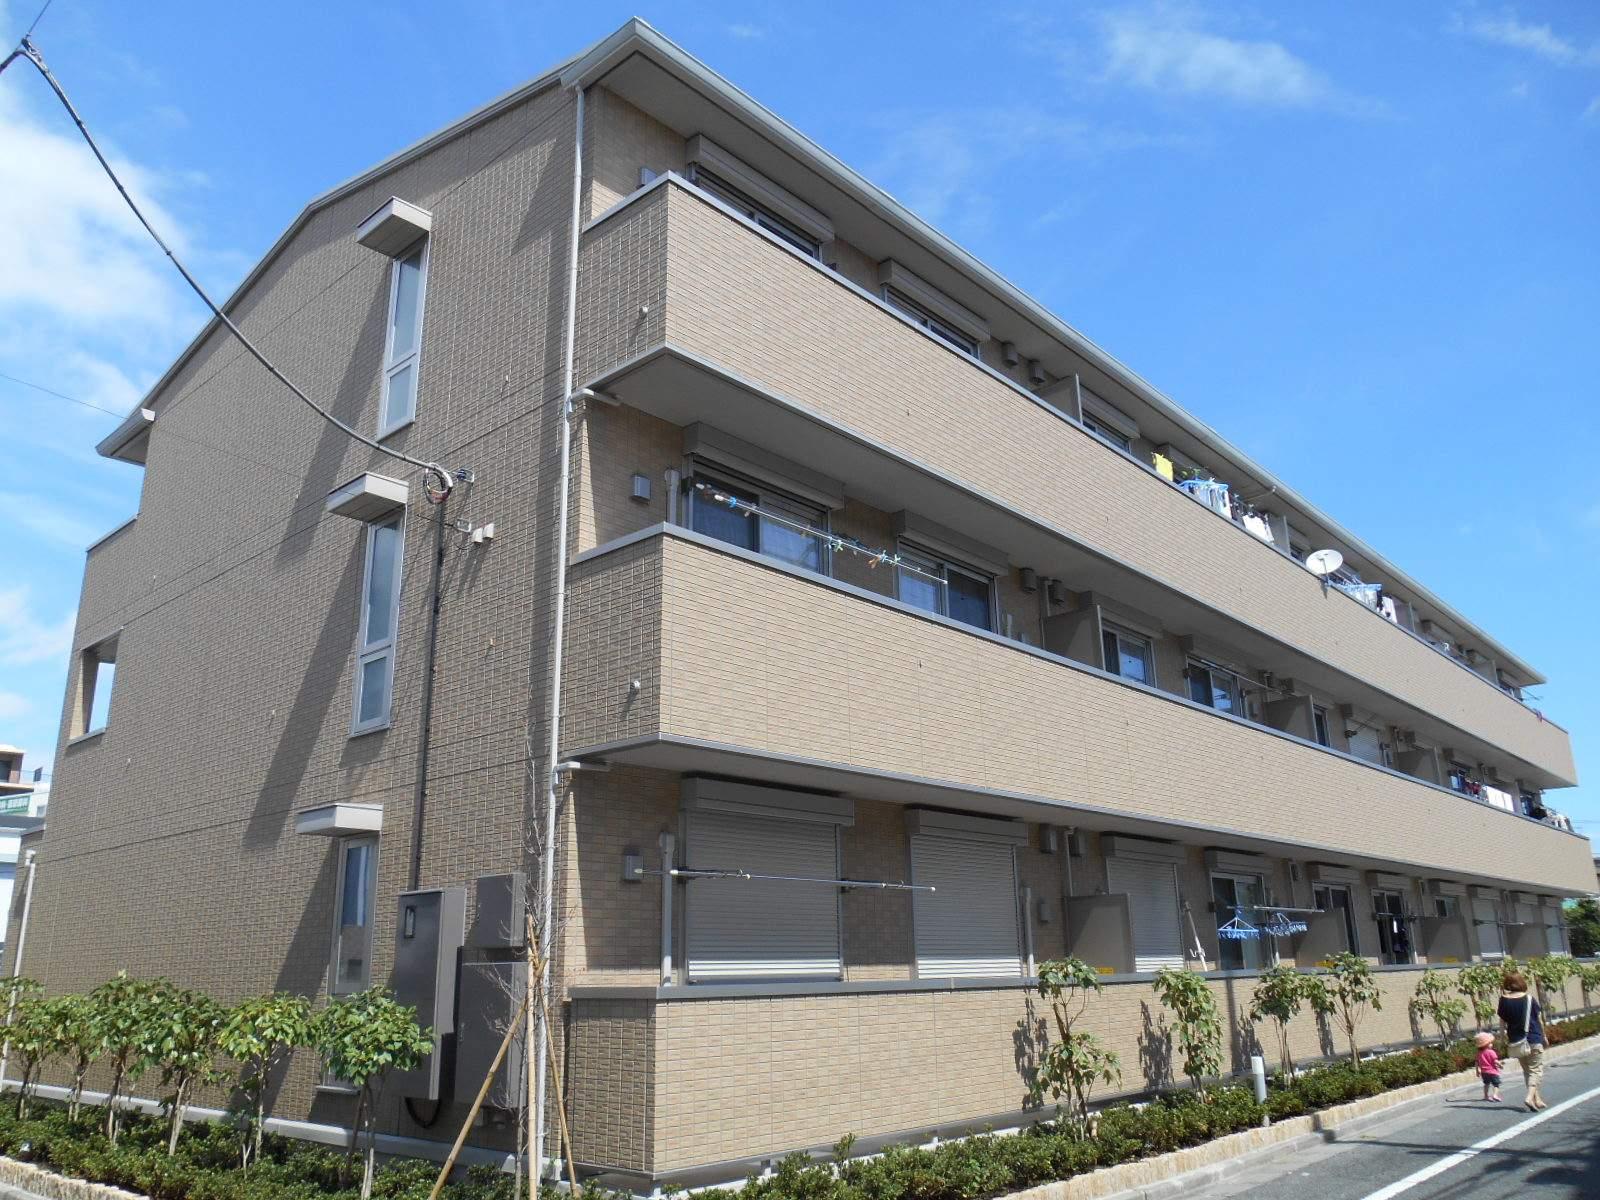 東京都江戸川区、妙典駅徒歩43分の築3年 3階建の賃貸アパート